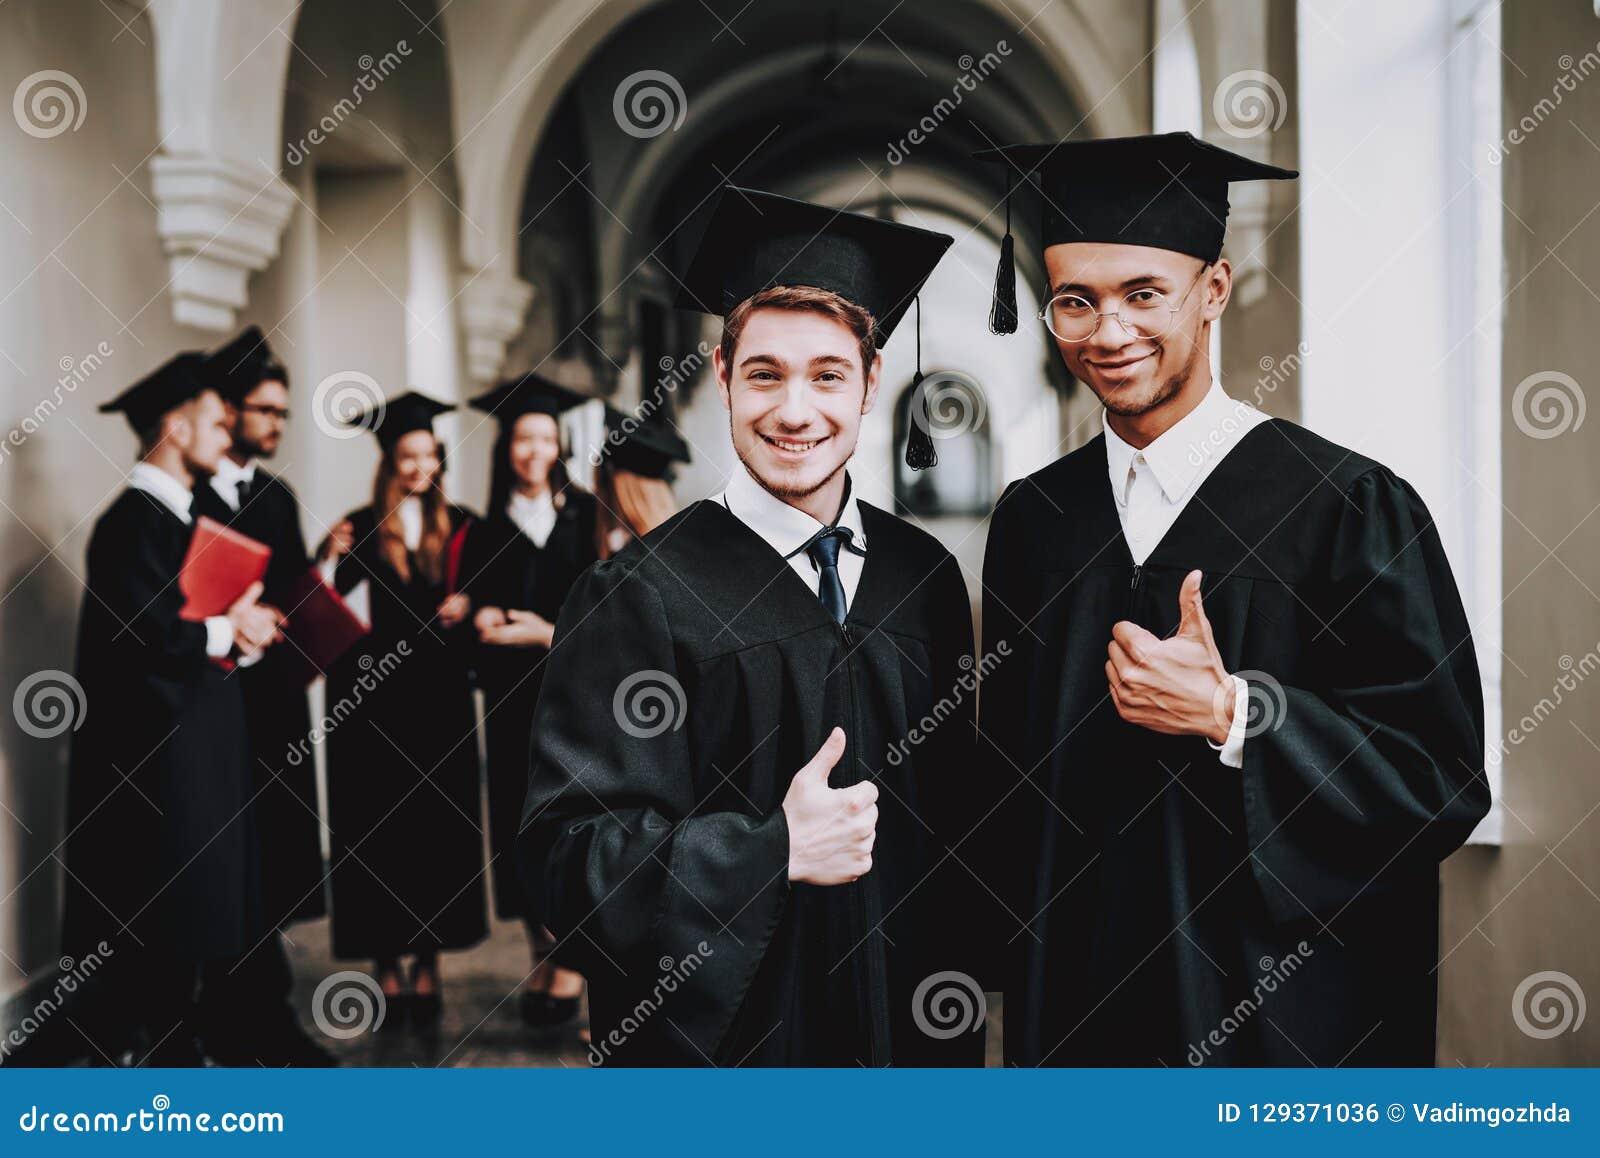 Beduimelt omhoog klasgenoten kerels mantel universiteit